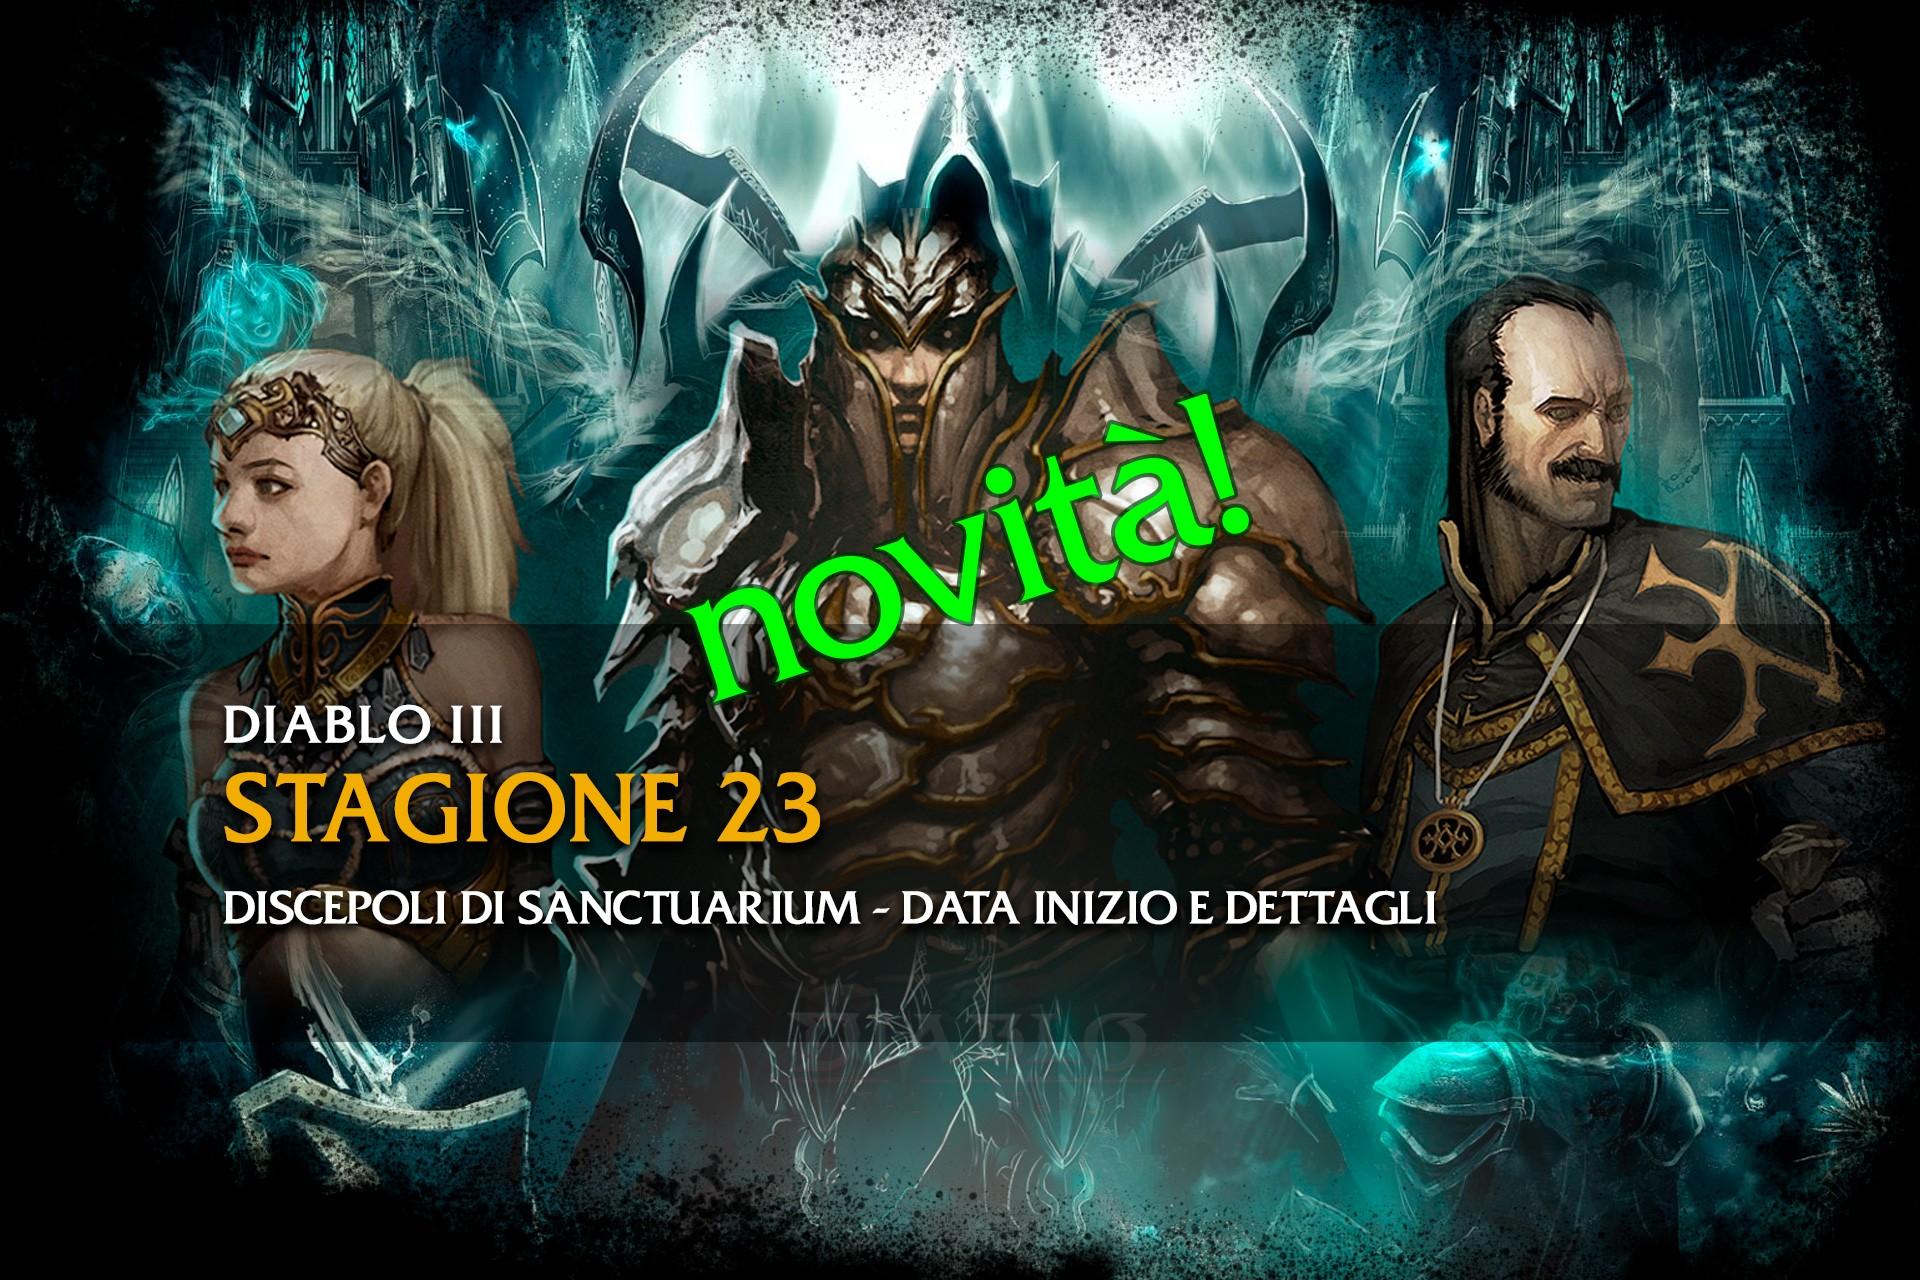 Diablo 3 Stagione 23 novità